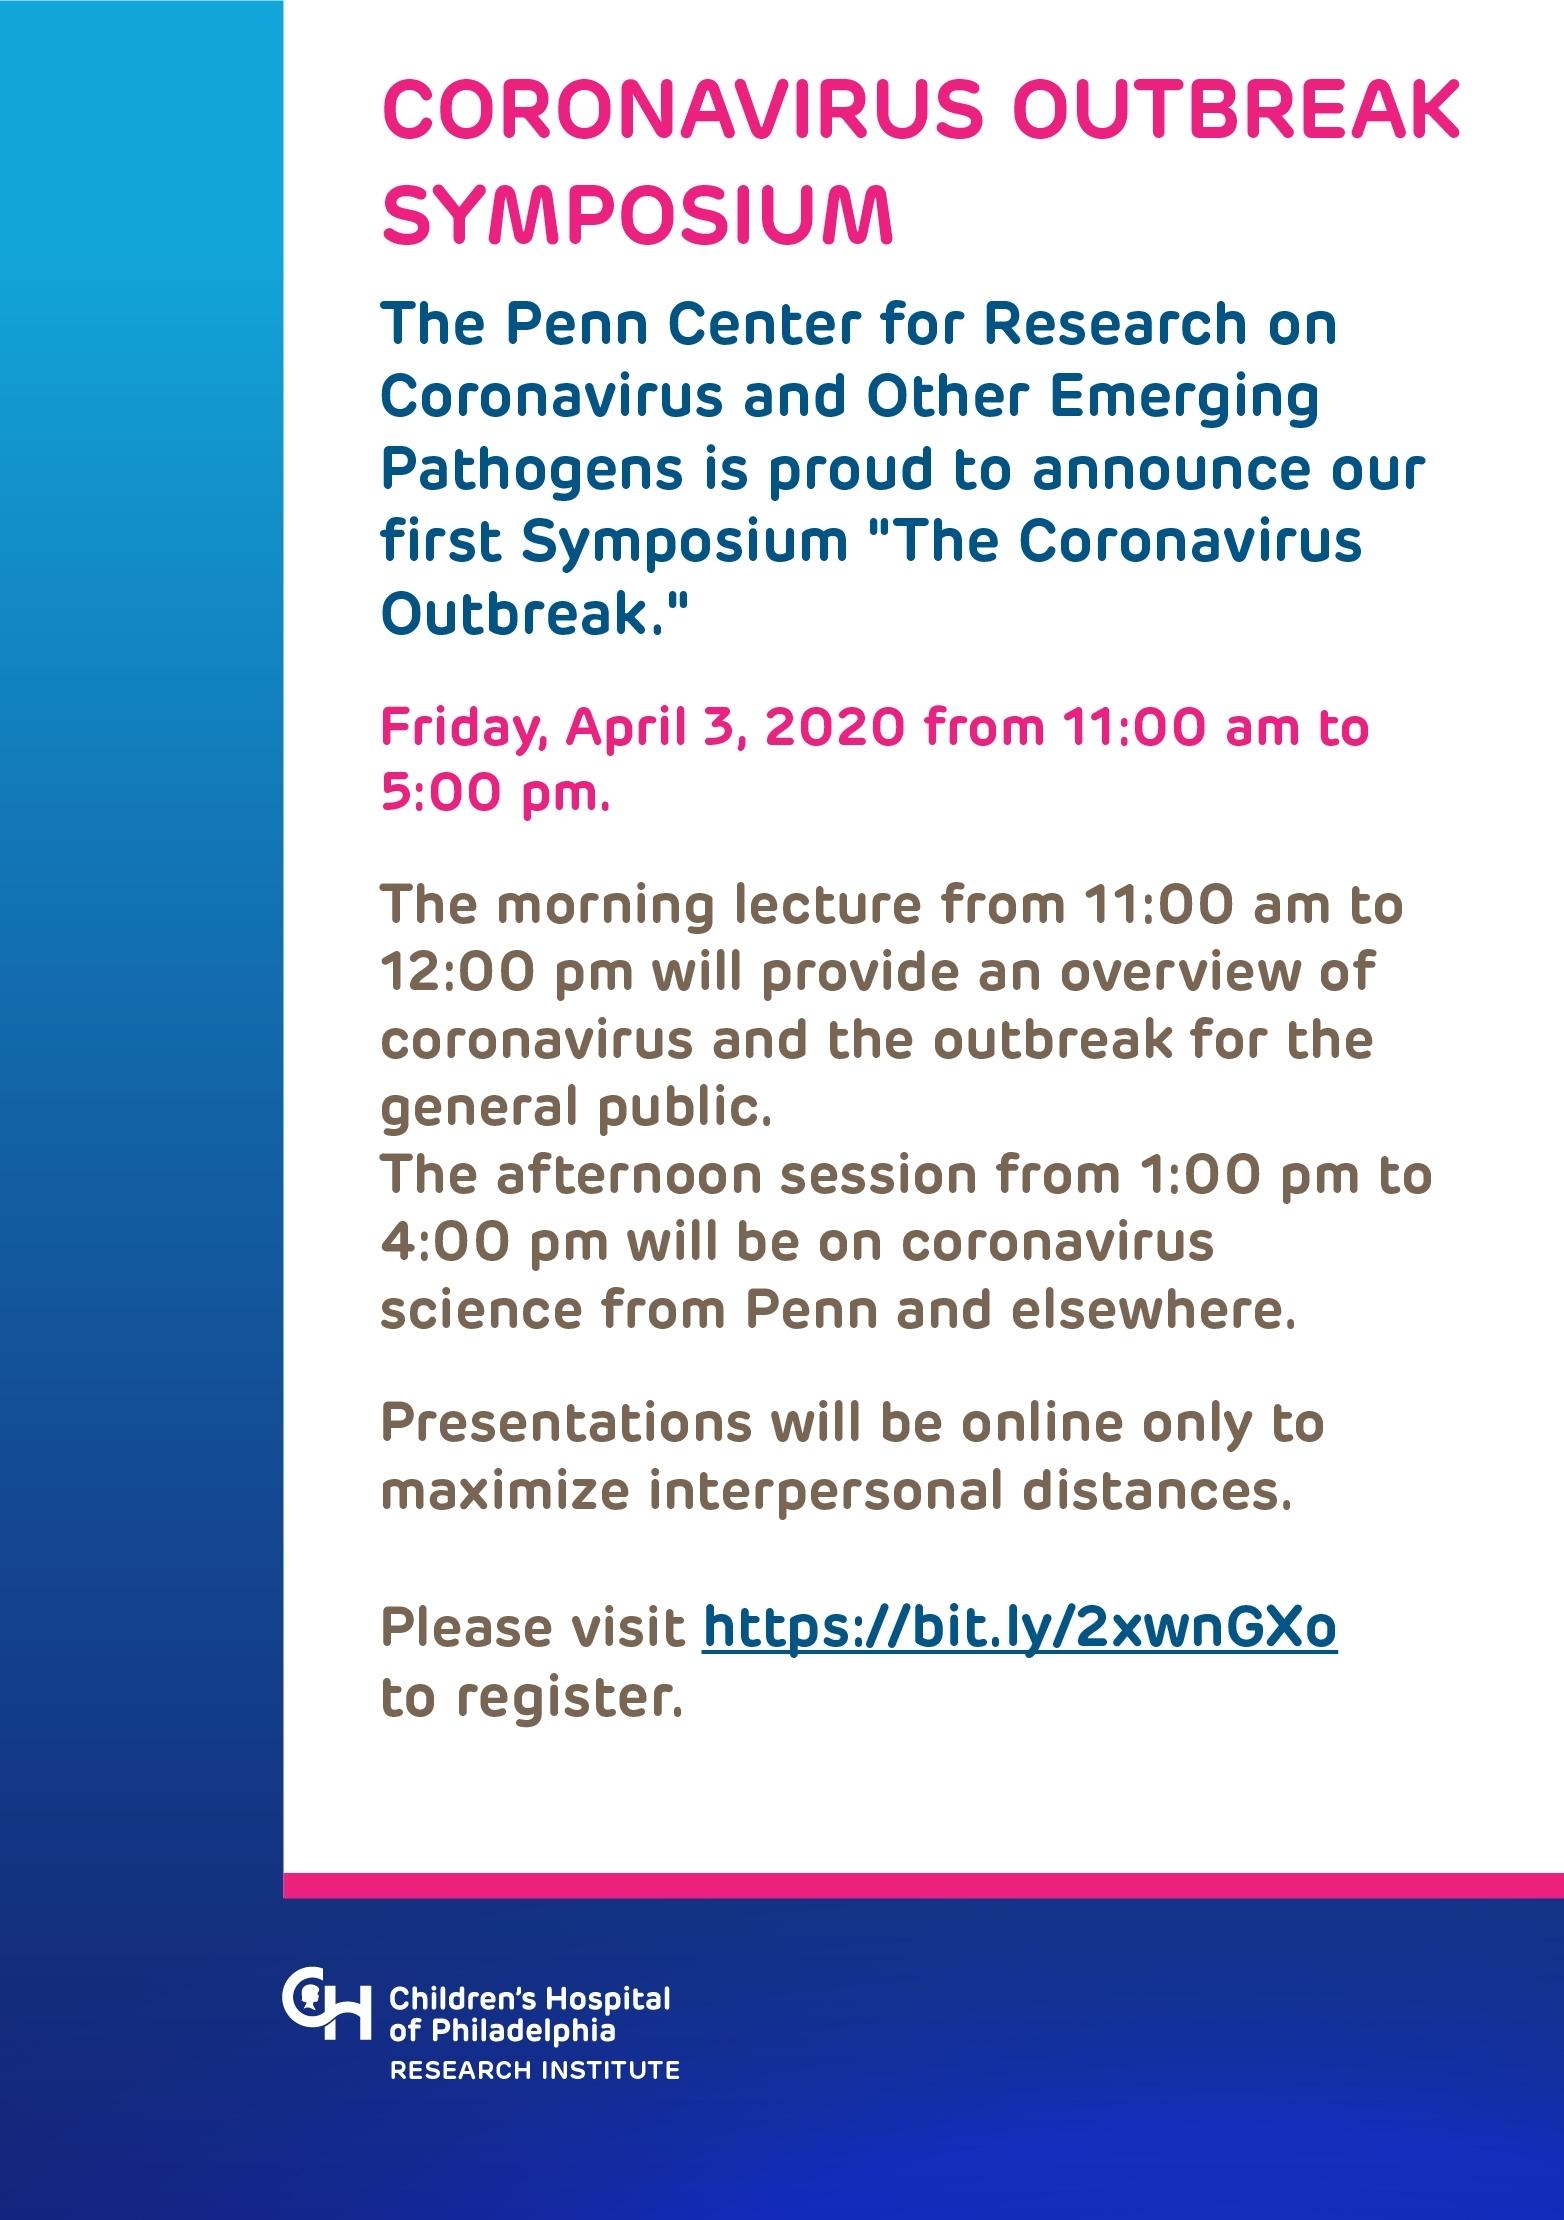 Coronavirus Outbreak Symposium | Chop Research Institute